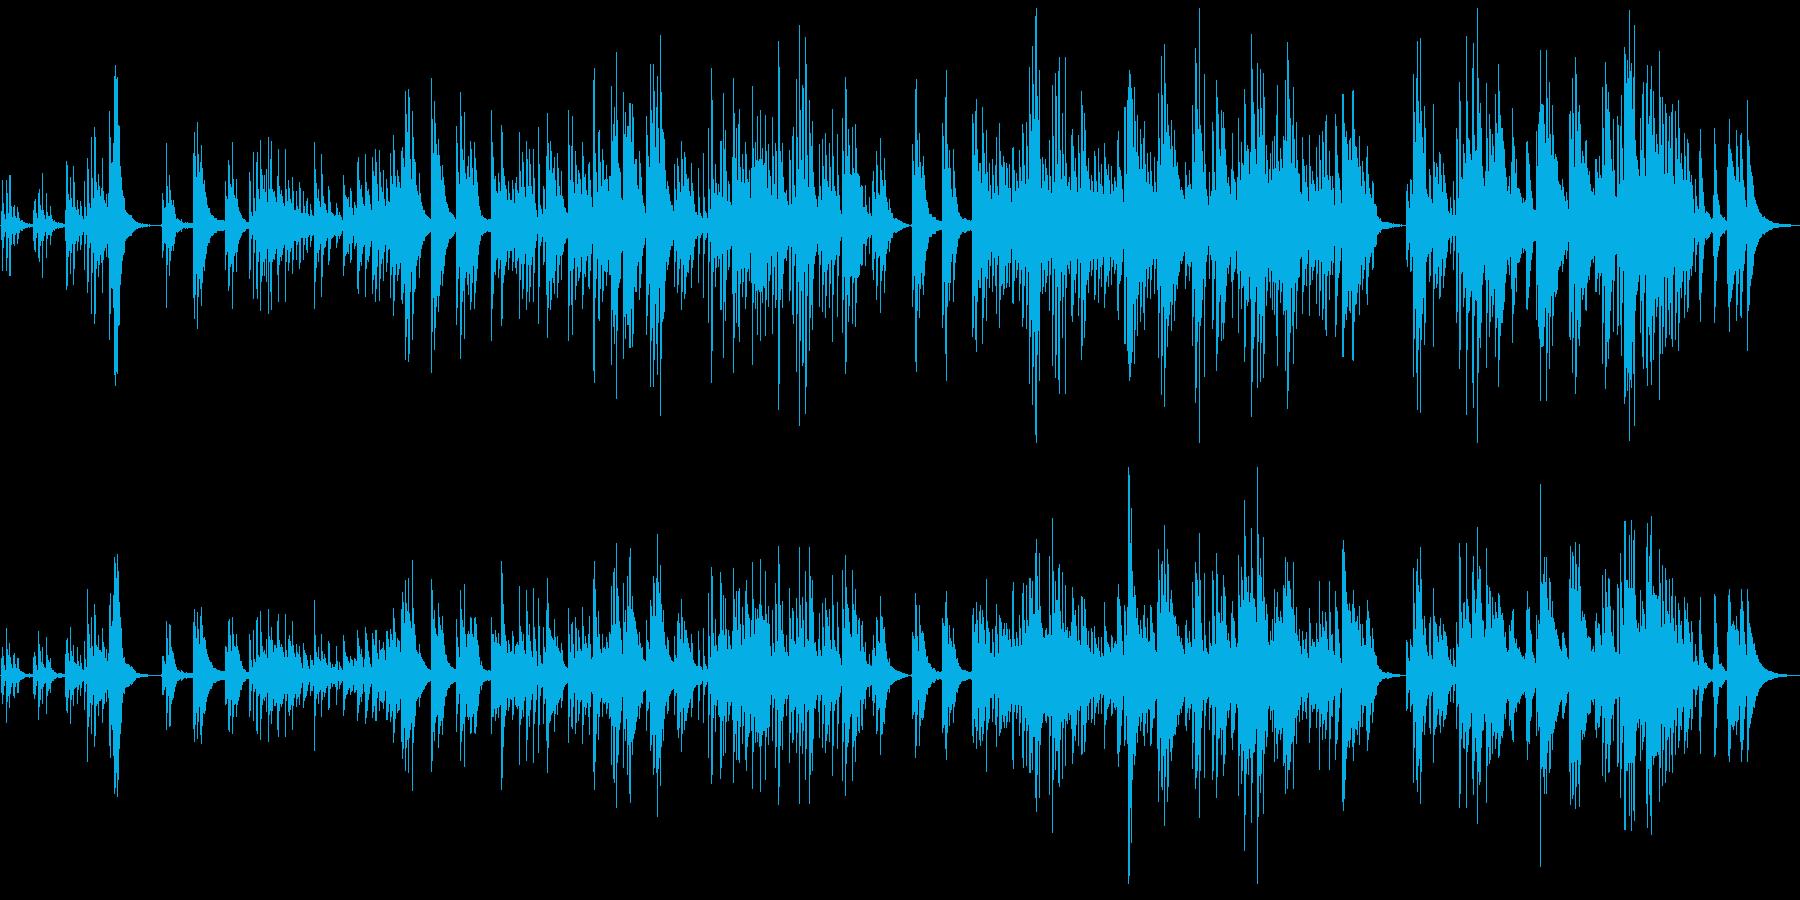 雪降る夜の物語をイメージしたピアノBGMの再生済みの波形